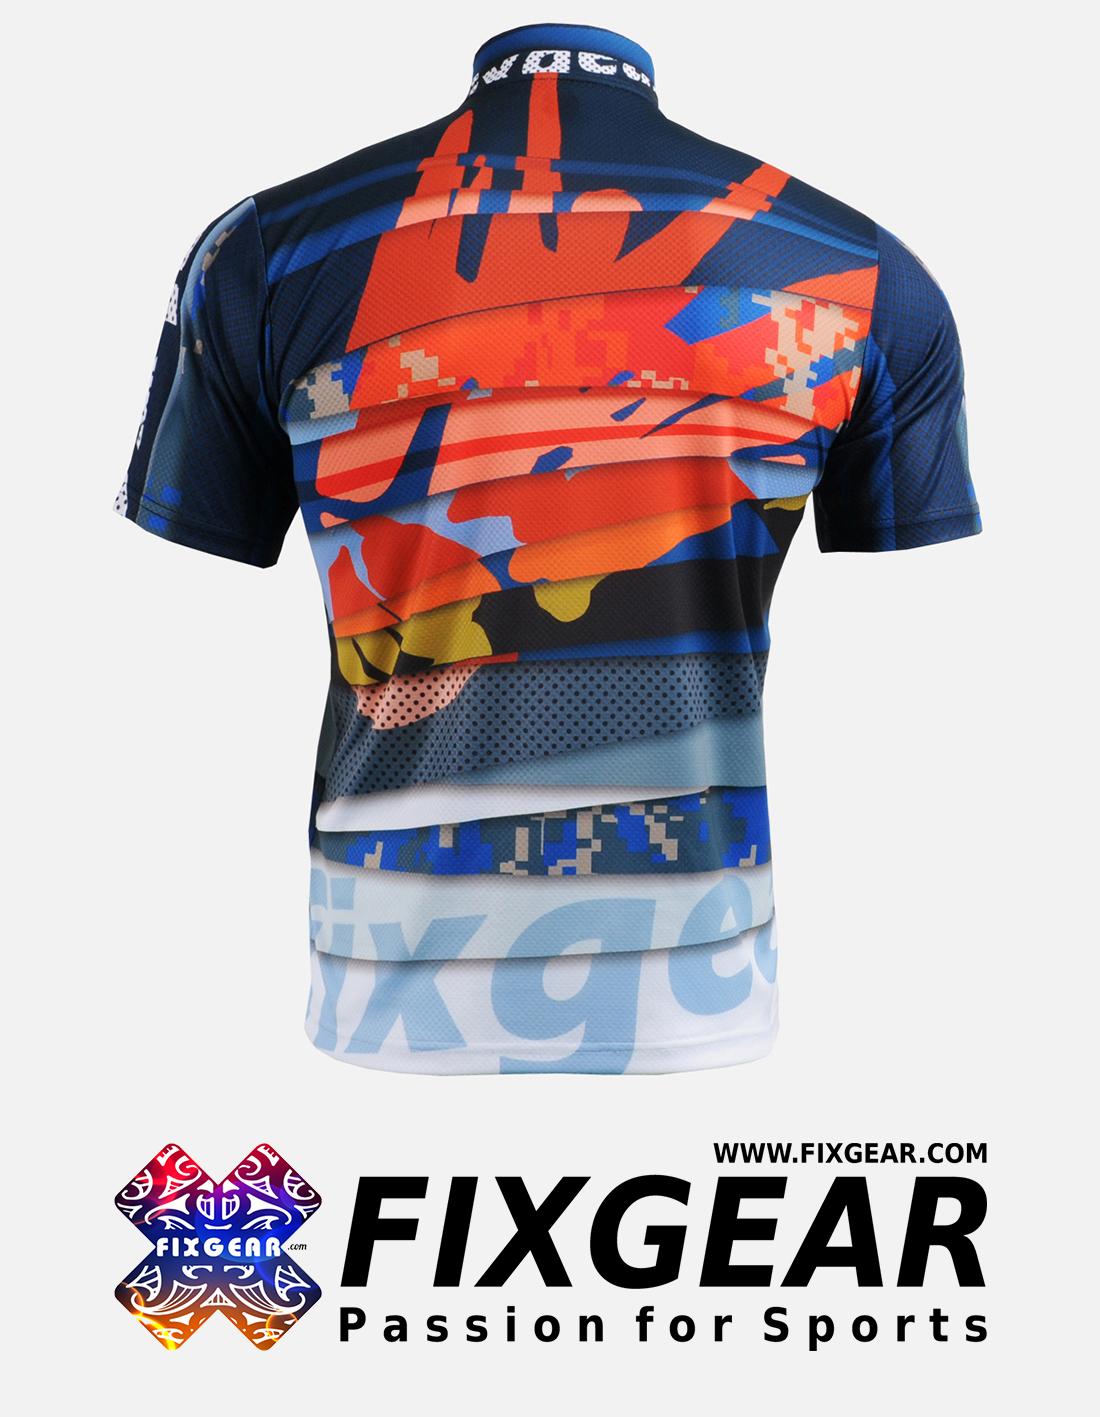 FIXGEAR BM-5202 Casual Men's short sleeve jersey 1/4 zip-up T-Shirt